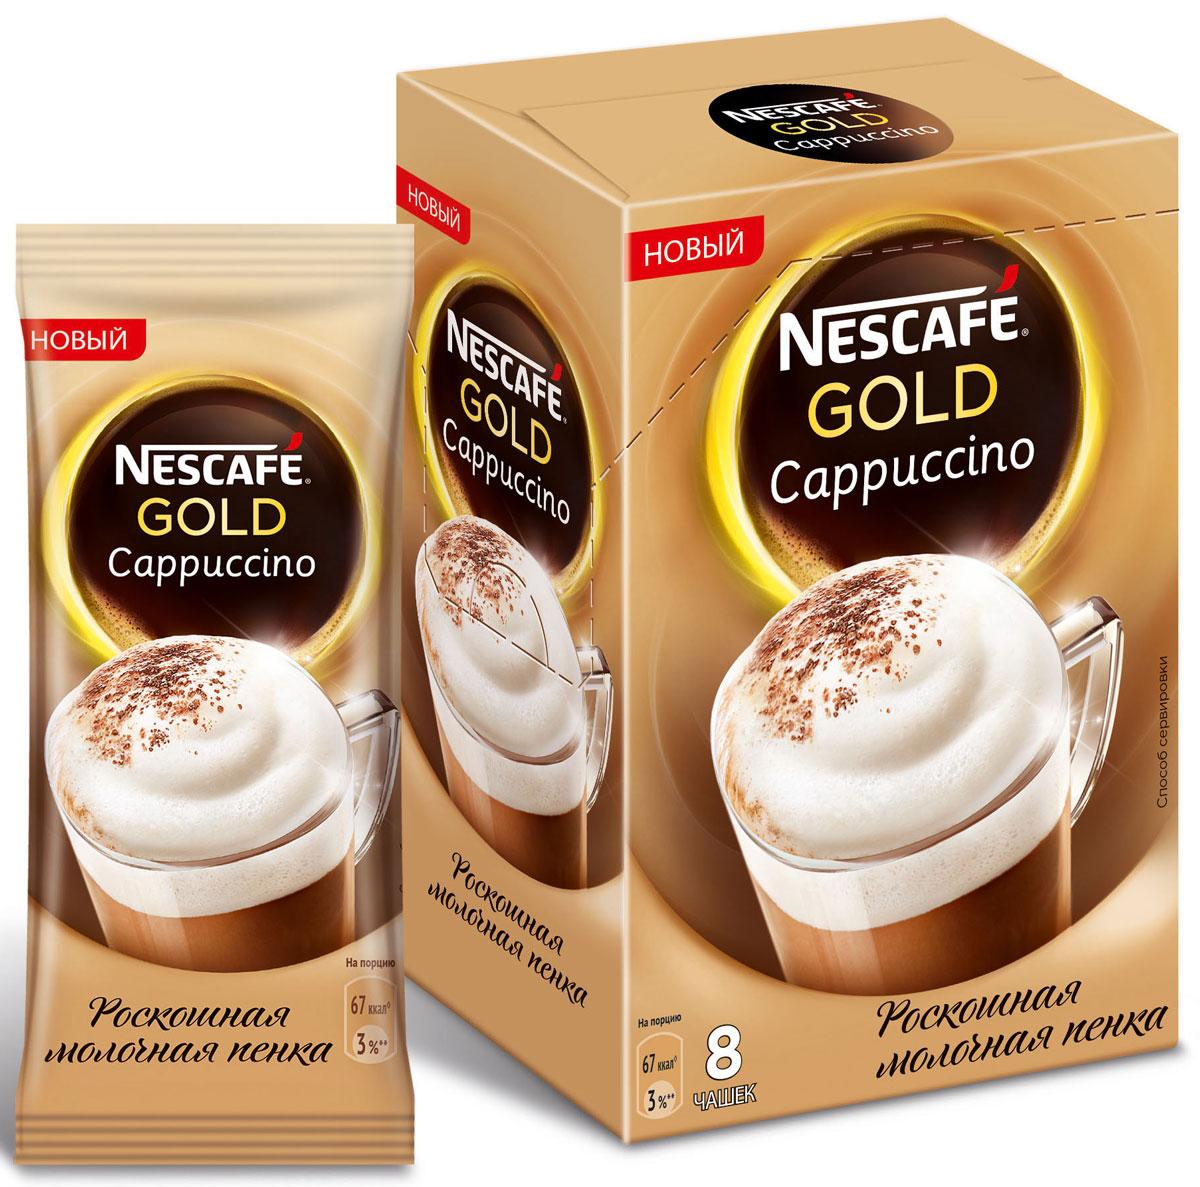 NESCAFE Gold Cappuccino. Напиток кофейный растворимый с молочной пенкой. Капучино как в кофейне! Идеальный баланс ингредиентов в оптимальных пропорциях для - Вкуса - Пенки.